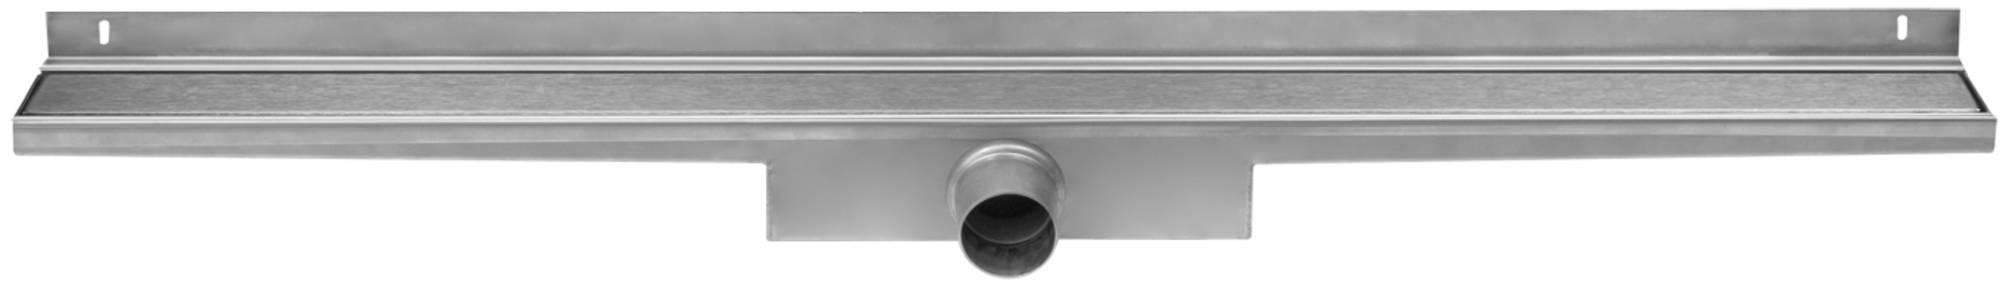 Easy Drain Compact Wall Zero afvoergoot 90 x 6 cm. zijaansluiting Rvs